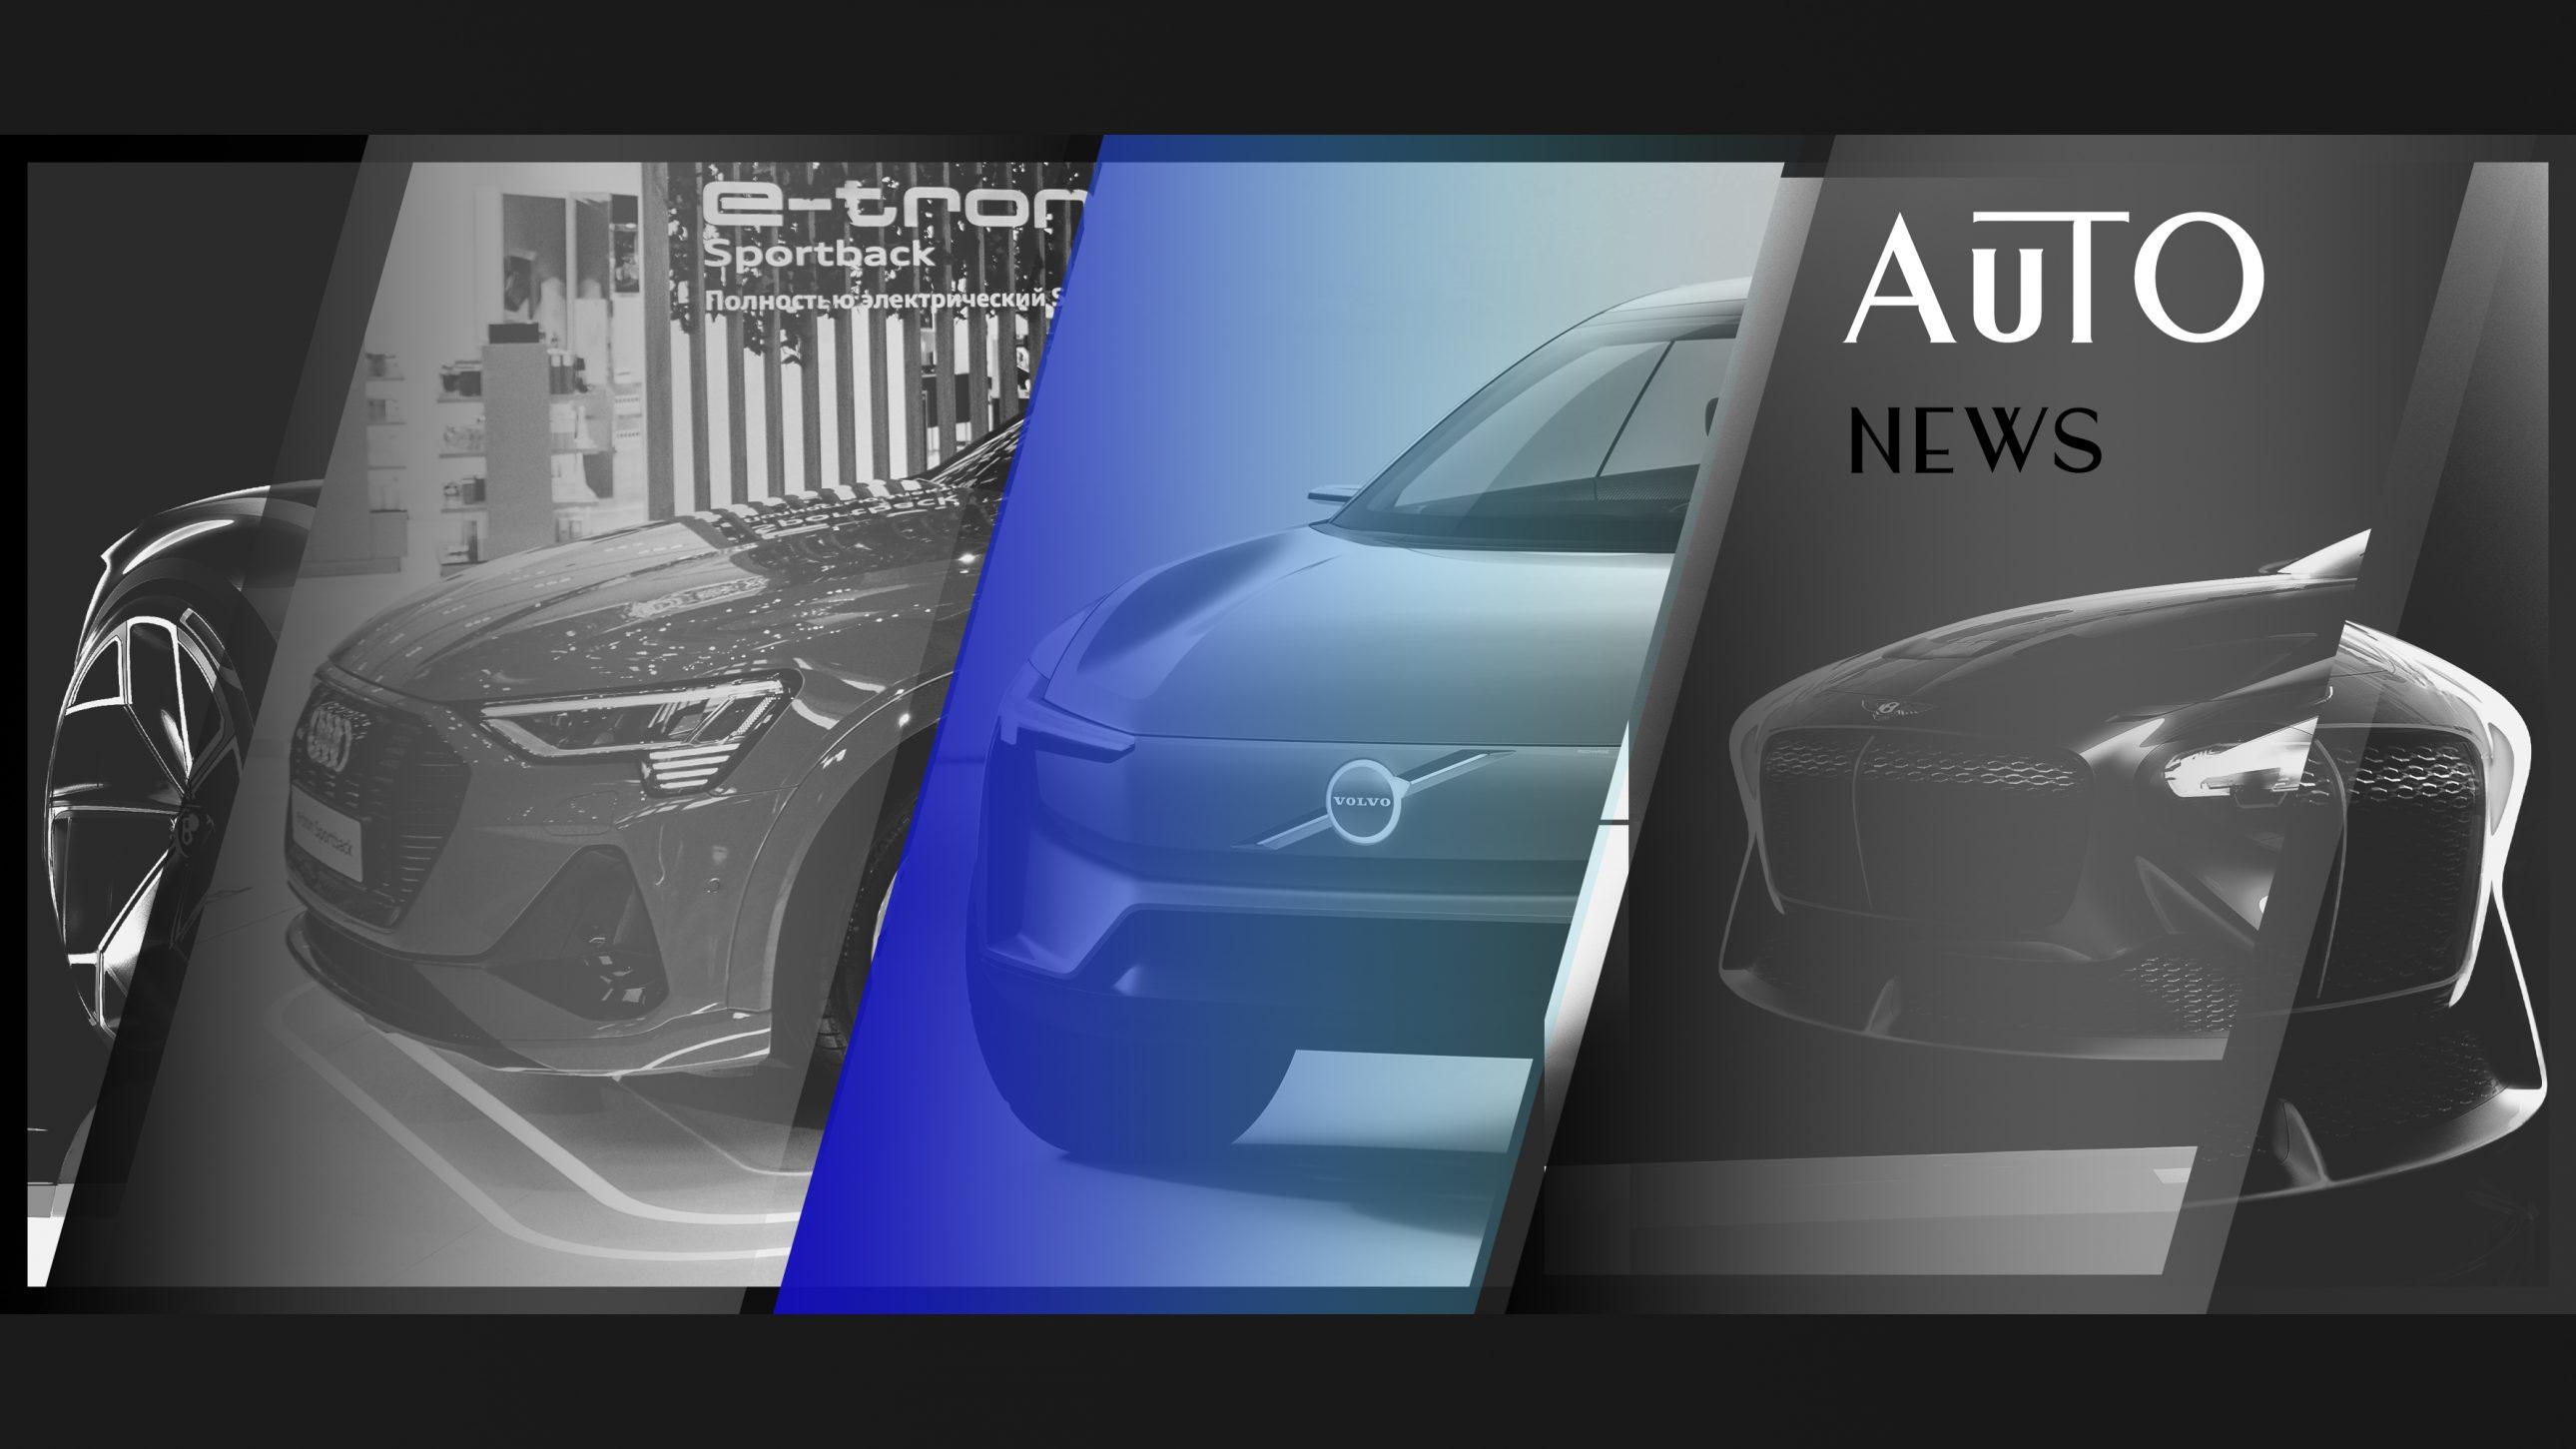 PostaАвто: коллаборация Volvo Car Russia и ЛитРес, экопространство Audi в «Цветном» и 70-летие подразделения дизайна Bentley в Крю